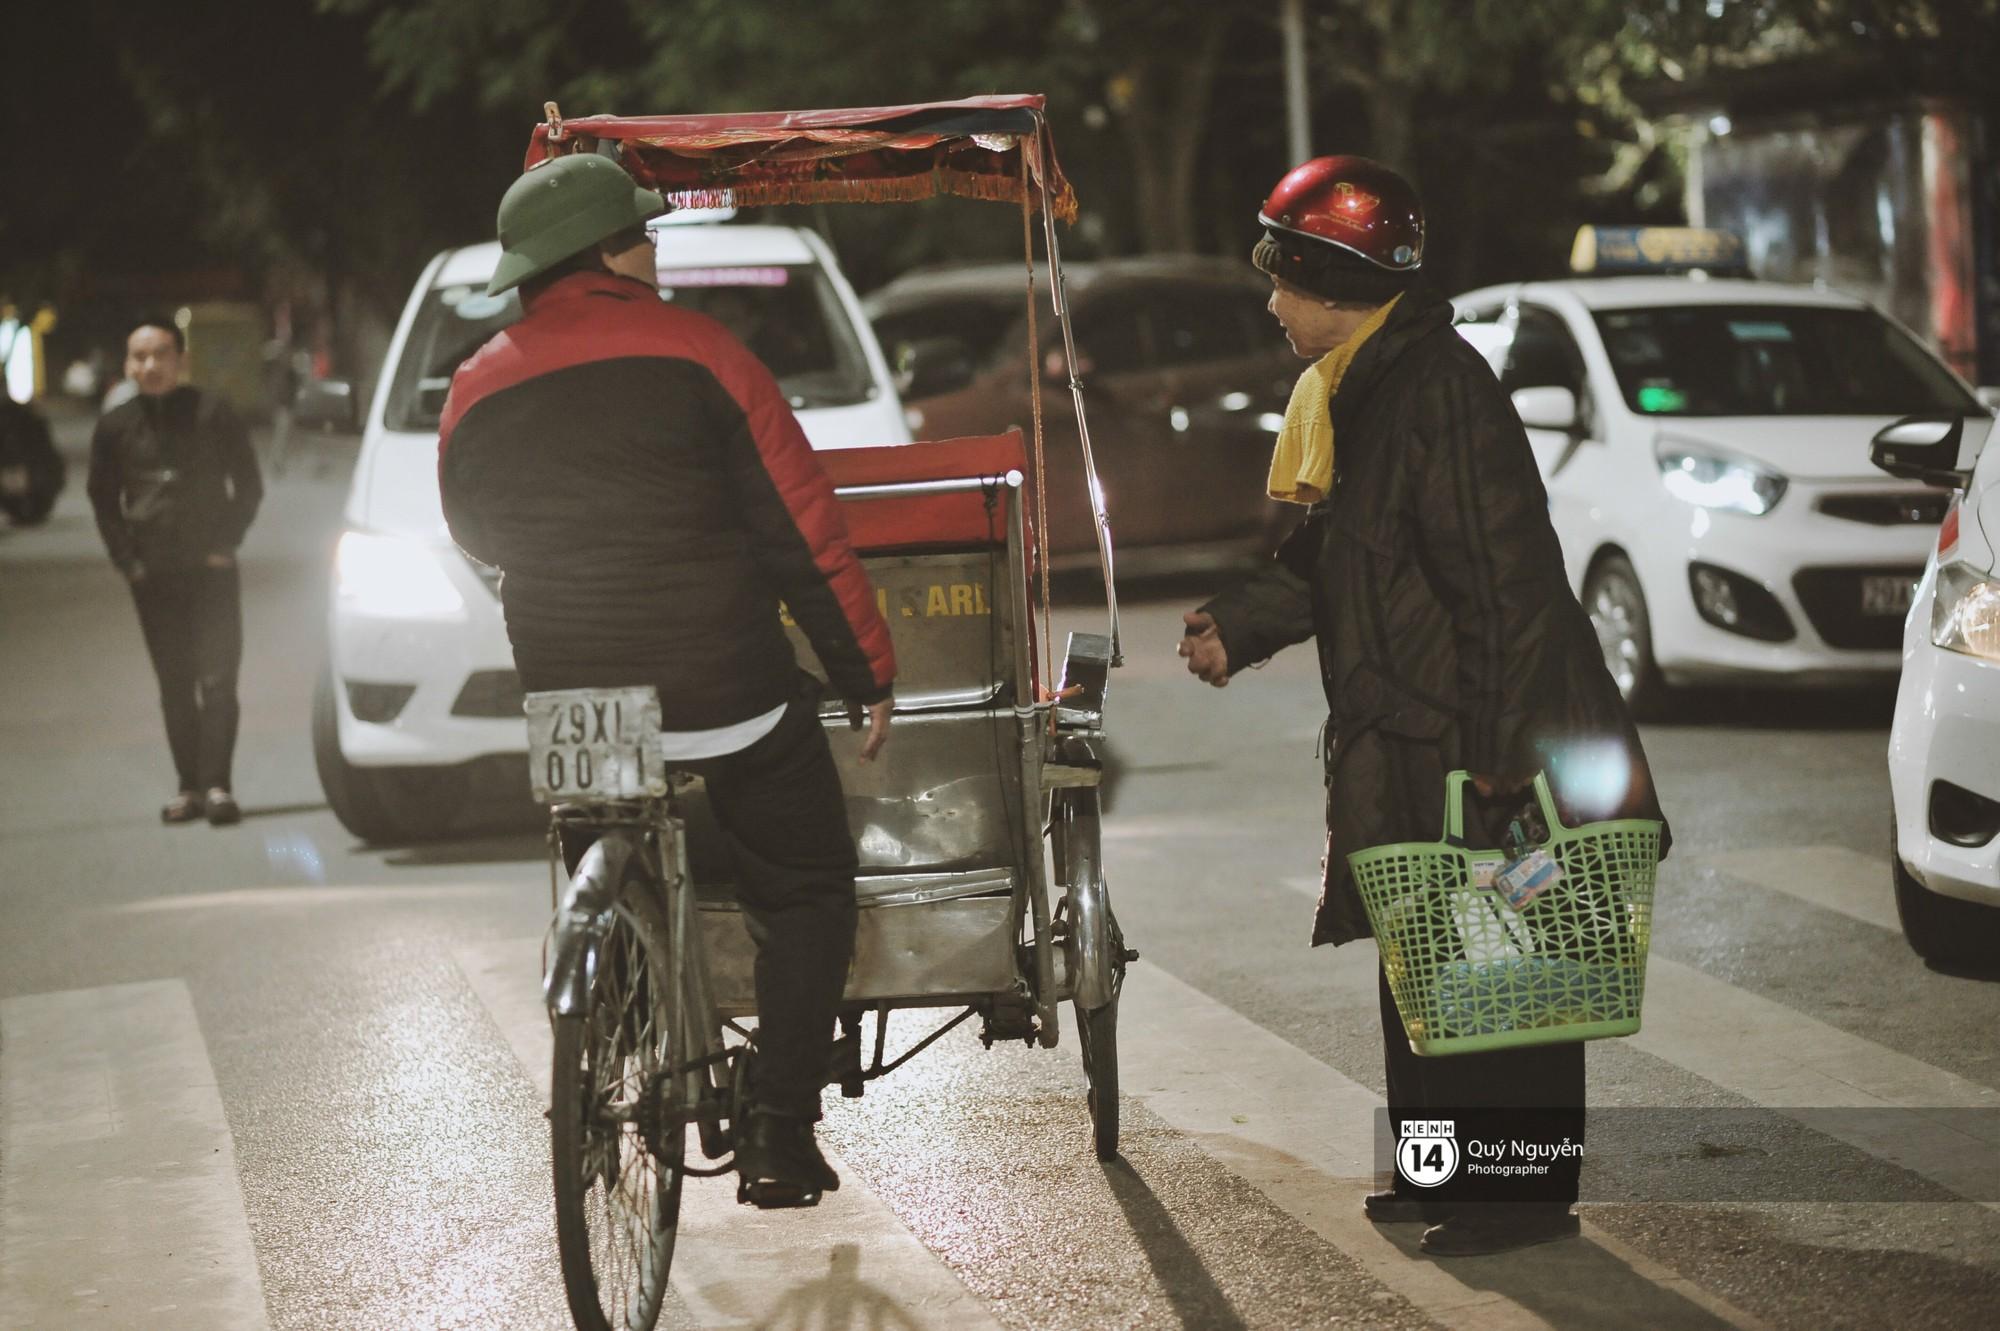 Chùm ảnh: Hà Nội giá rét 10 độ, một chiếc thùng carton hay manh áo mưa cũng khiến người lao động nghèo ấm hơn - Ảnh 16.